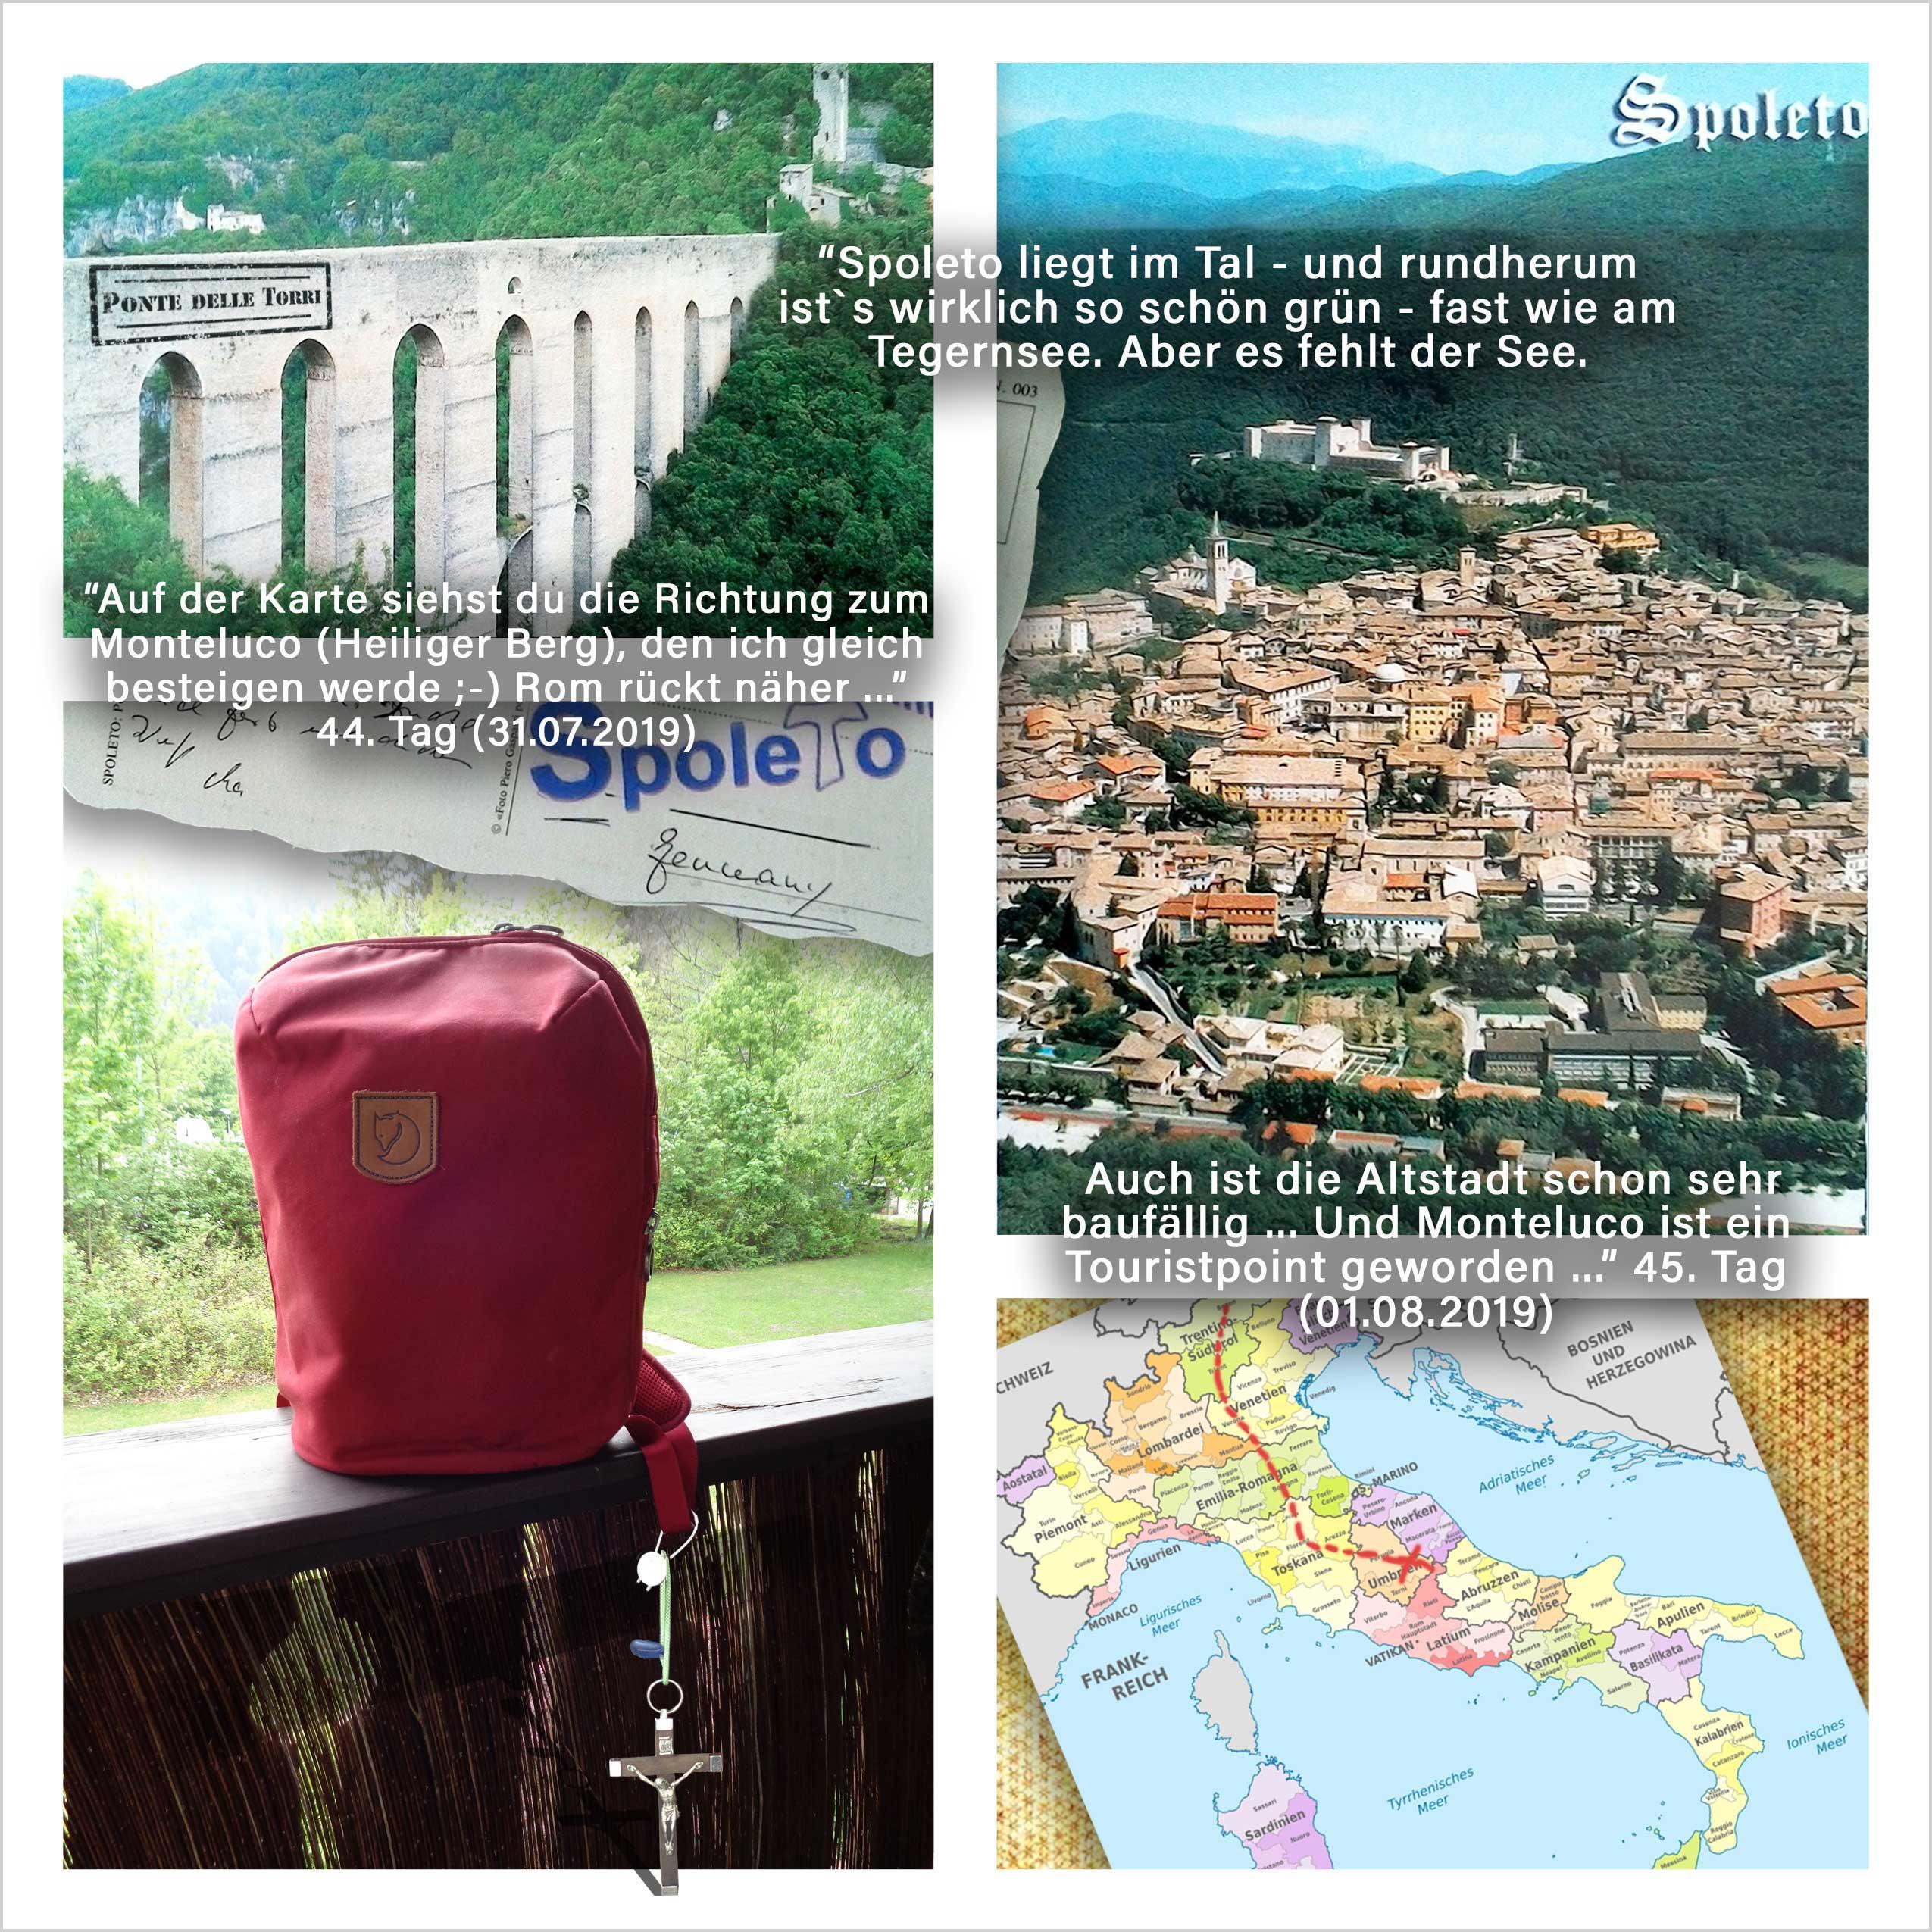 ponte-delle-torri-spoleto-zweite-pilgerreise-zu-fuss-nach-rom